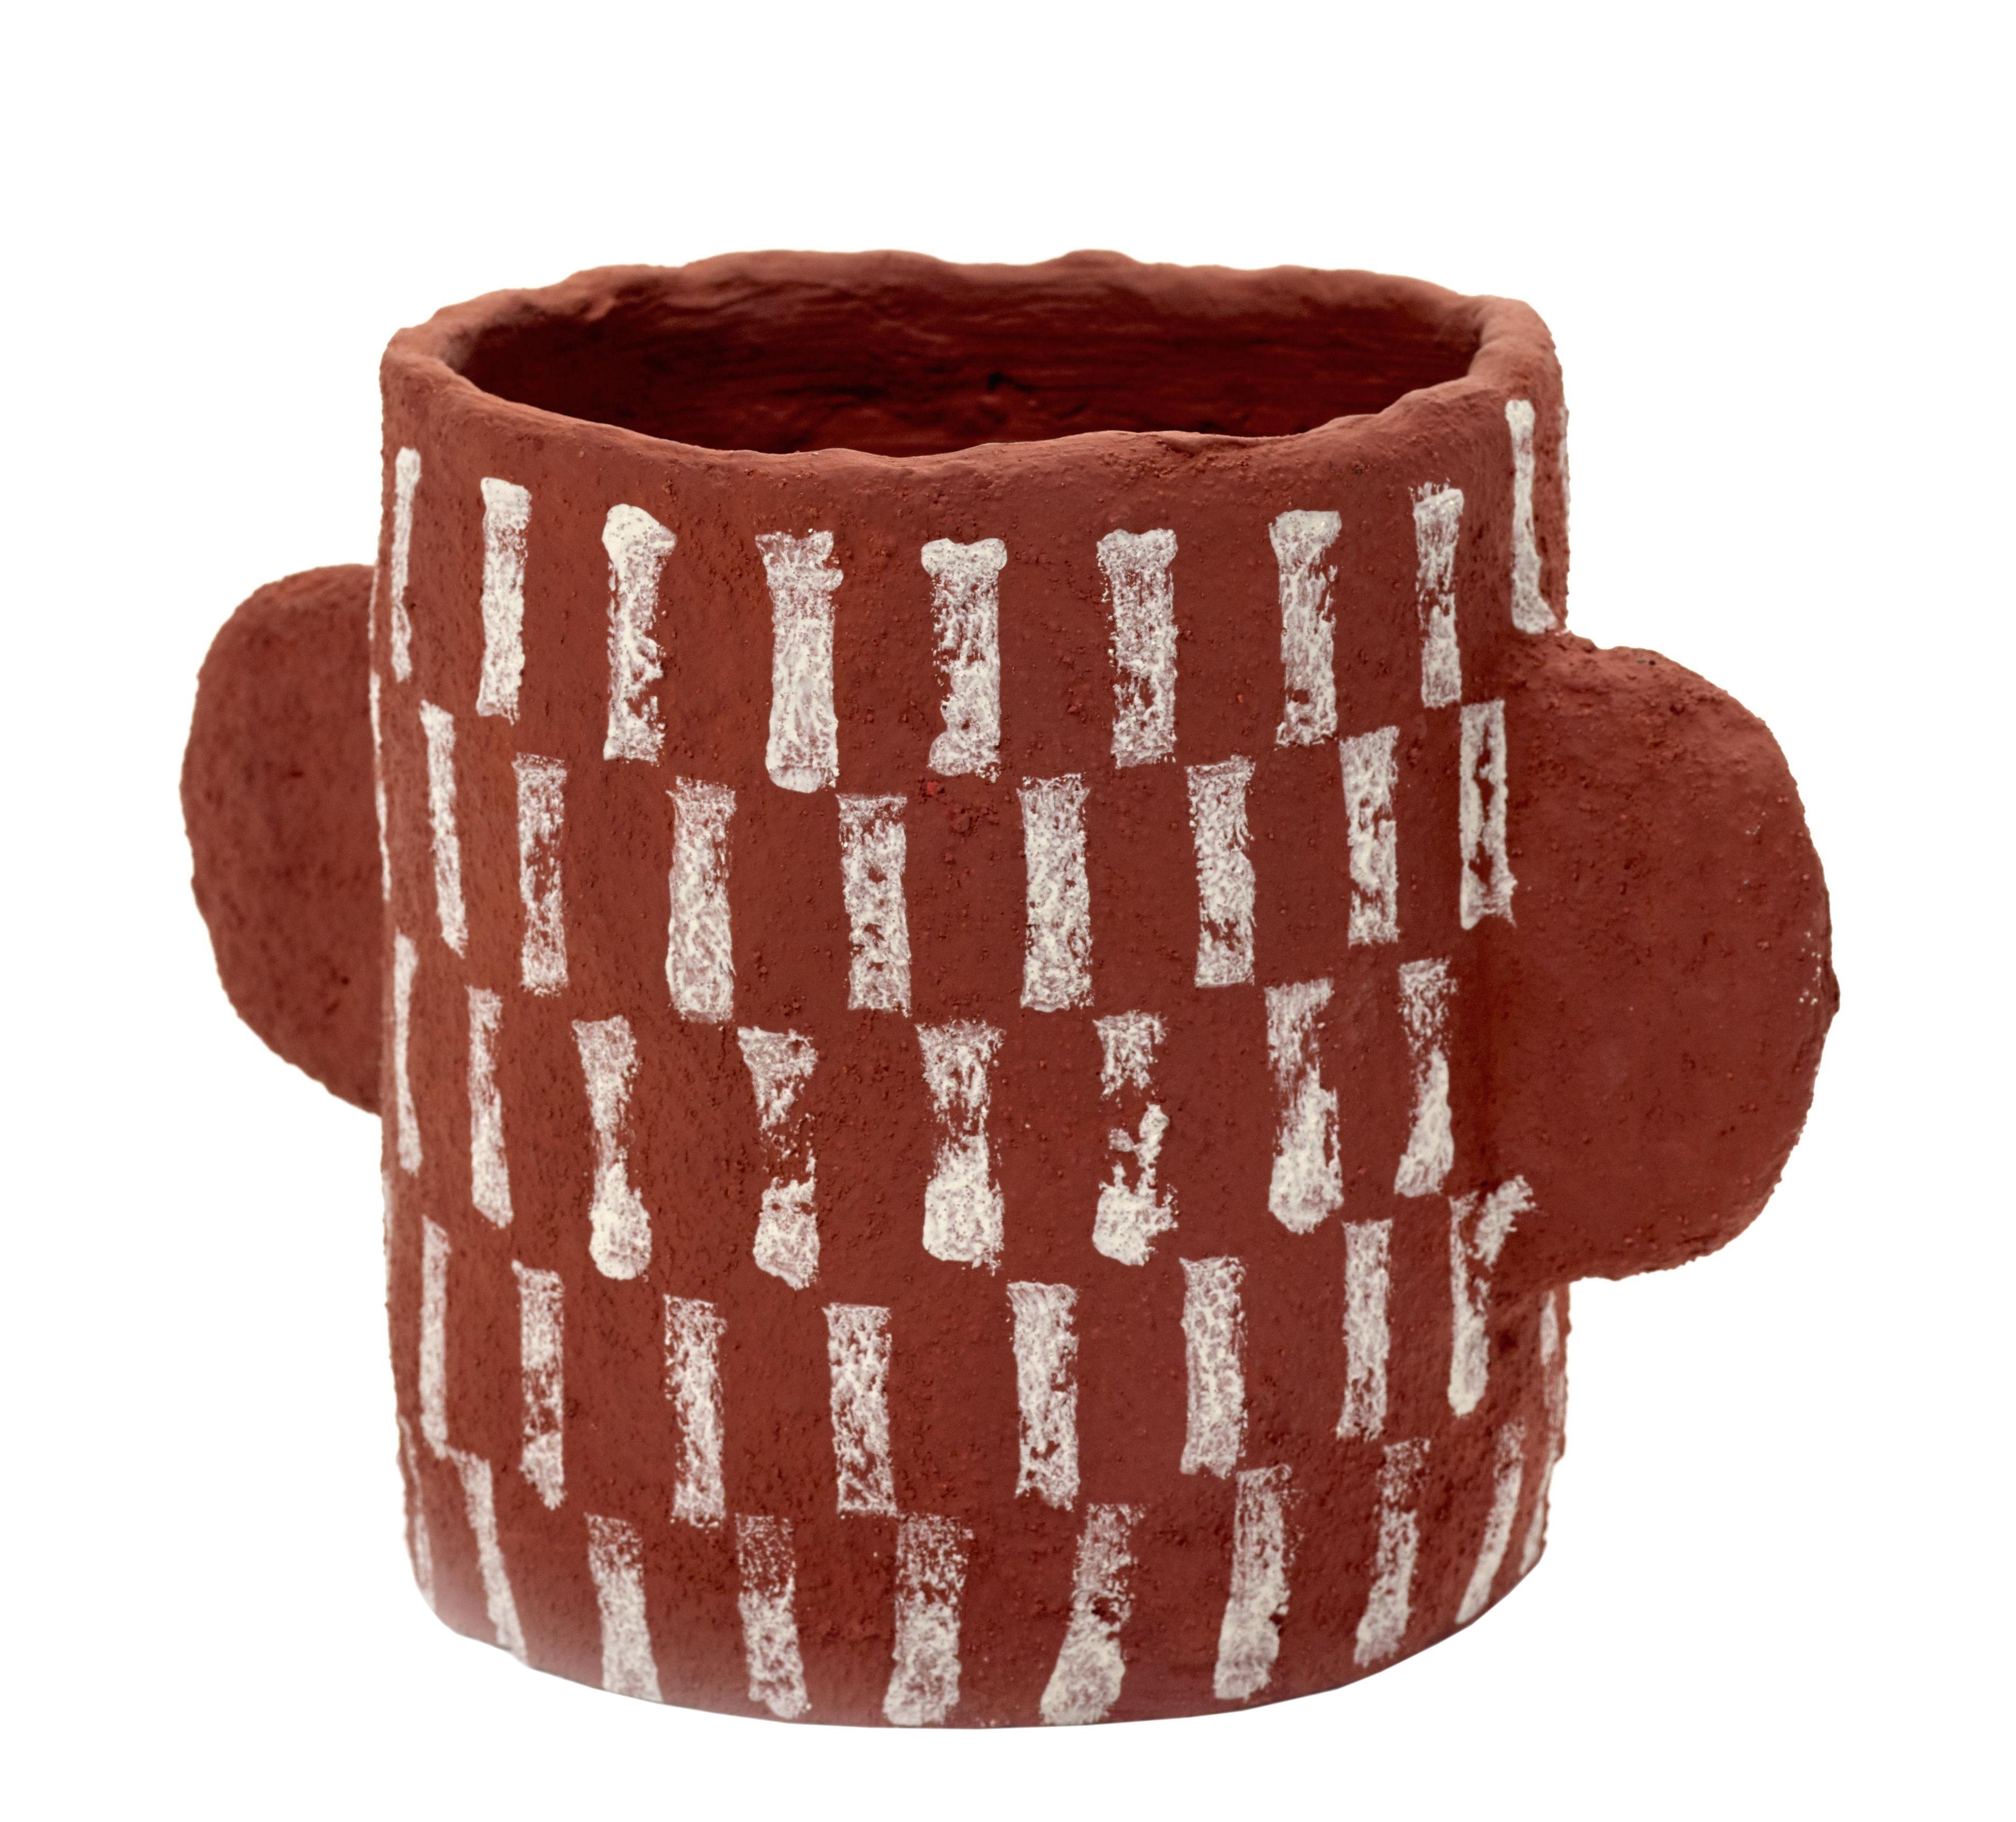 Decoration - Flower Pots & House Plants - Marie Pot - / Papier recyclé by Serax - Rouge / Motifs blancs -  Papier mâché recyclé